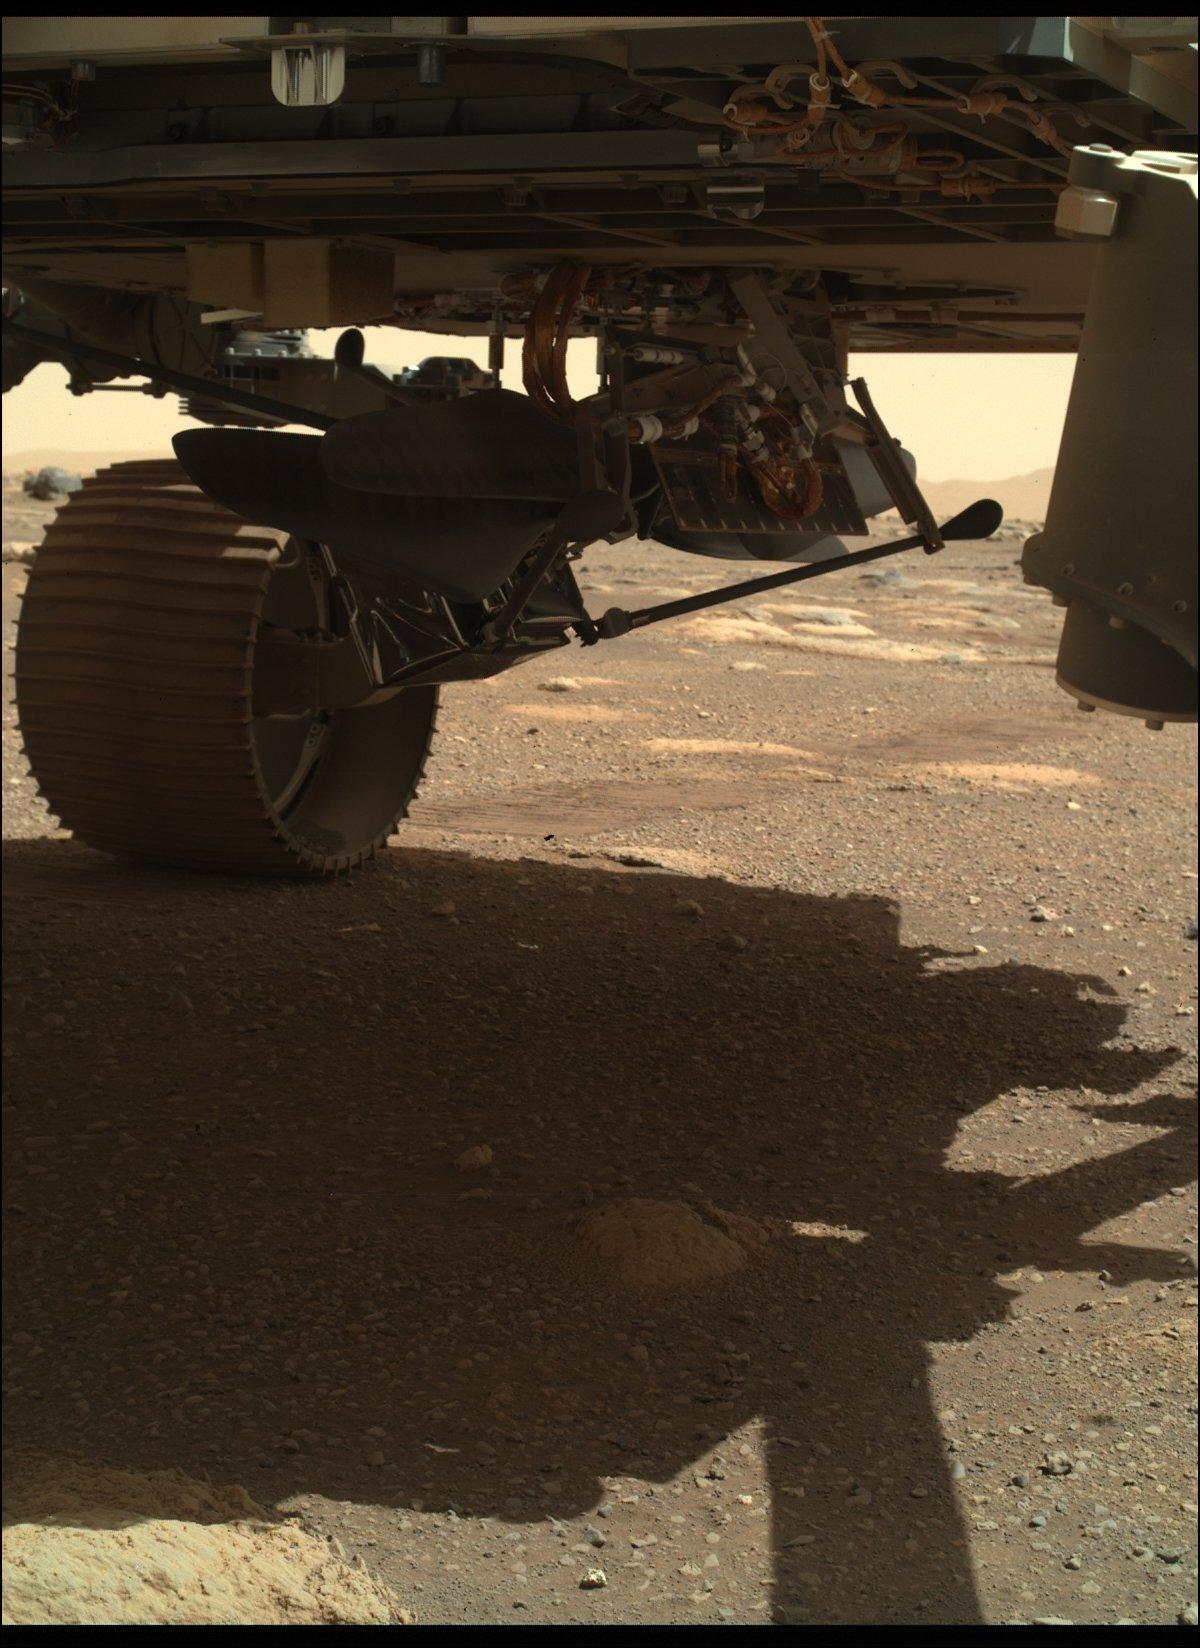 Mars 2020 (Perseverance) : exploration du cratère Jezero - Page 7 2463